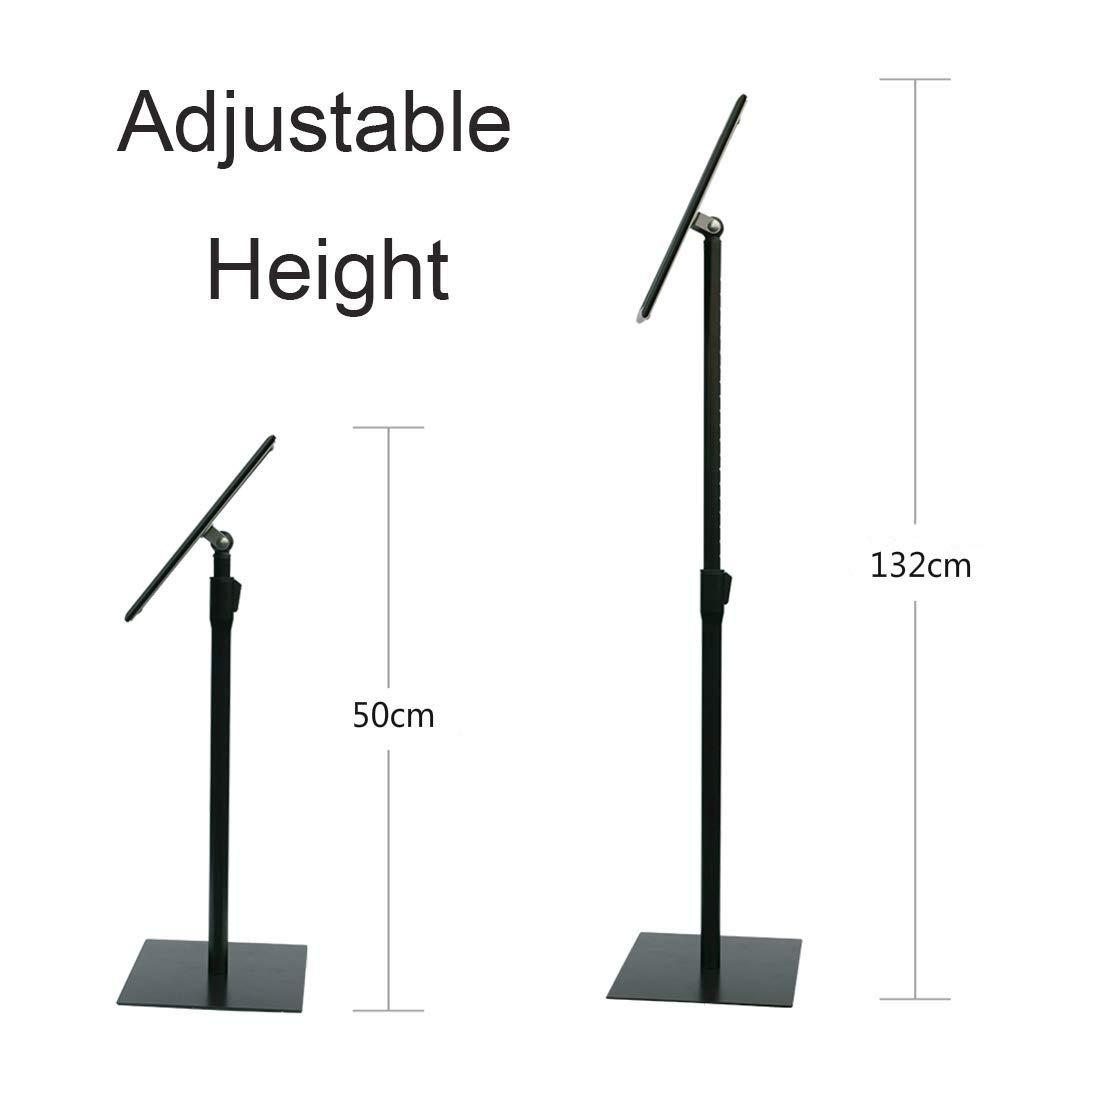 actividades de negocios soporte de pie con marco de aluminio reemplazable color negro bodas Soporte para p/óster A3 de altura ajustable negocios para publicidad